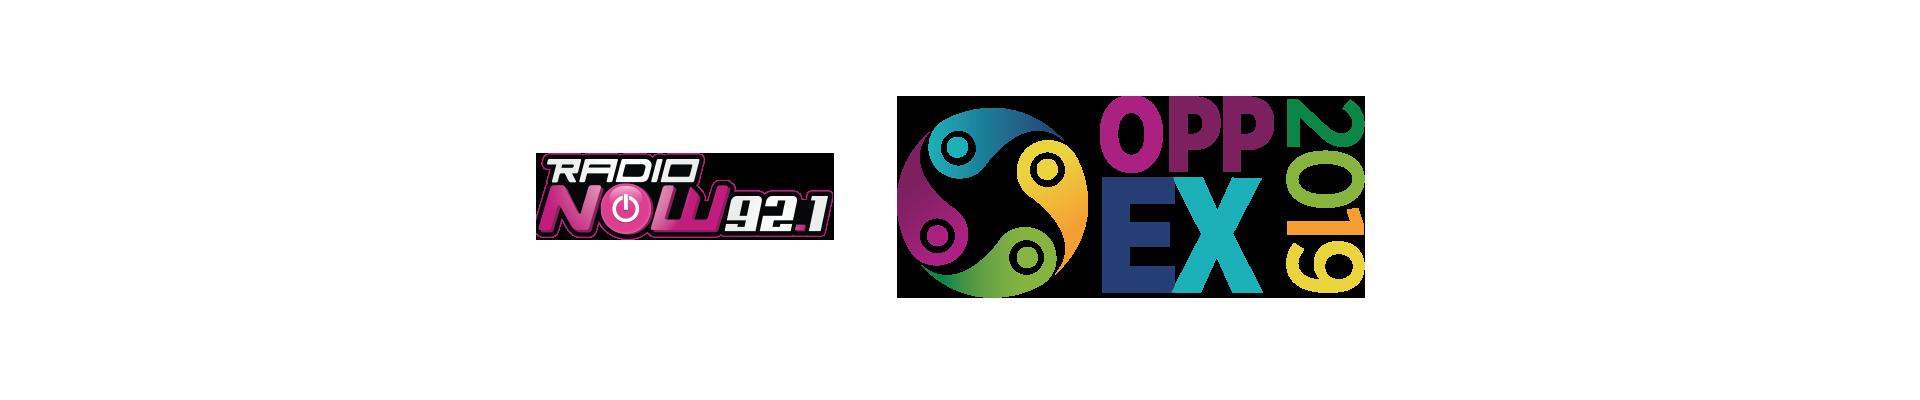 OPP EX HEADER LOGOS